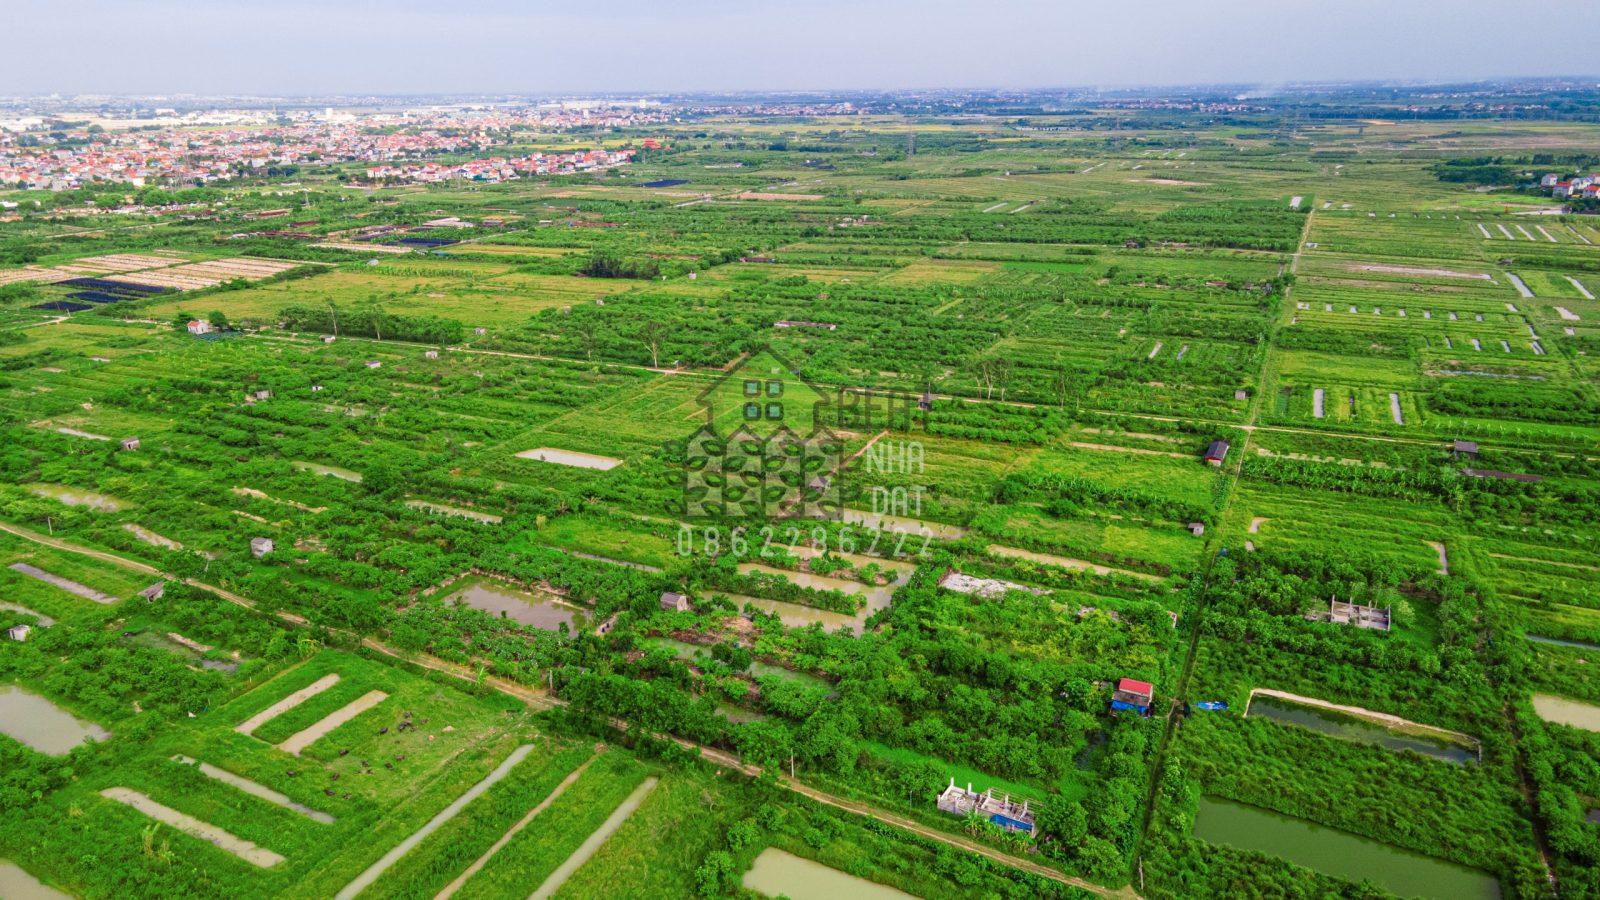 Tiến độ dự án Vinhomes Dream City Hưng Yên